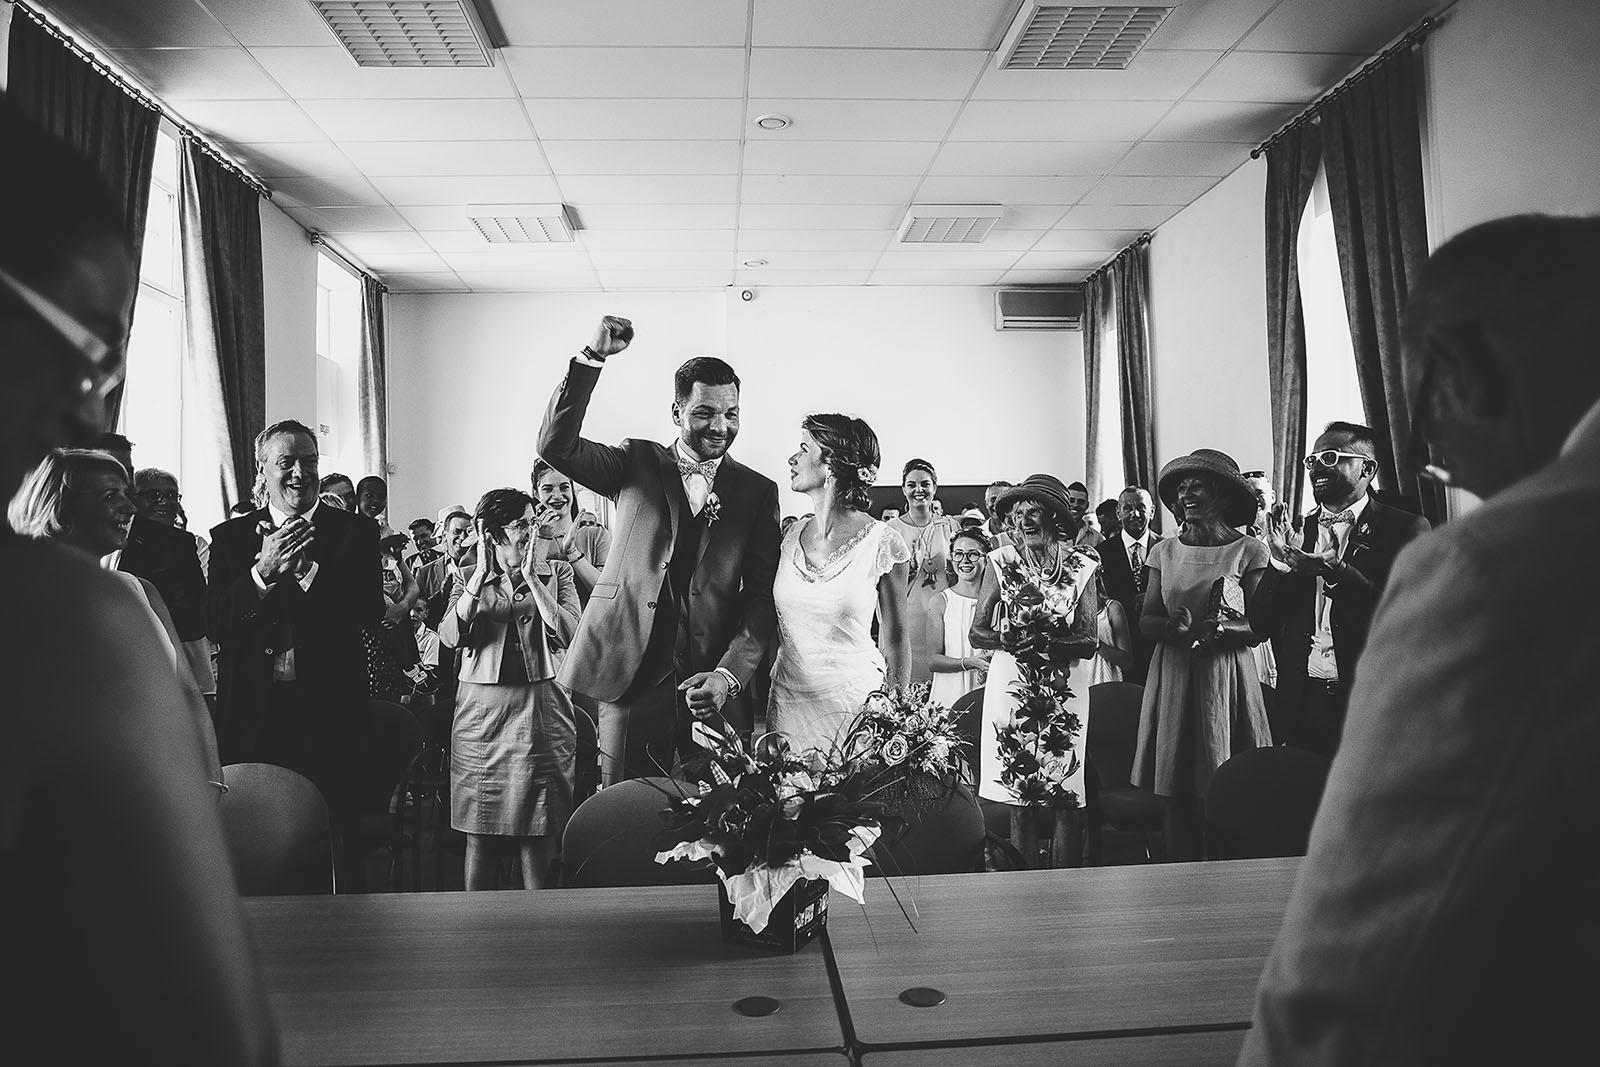 Mariage au Comptoir Saint Hilaire. Le marié heureux à la mairie. David Pommier photographe de mariage Sud de la France